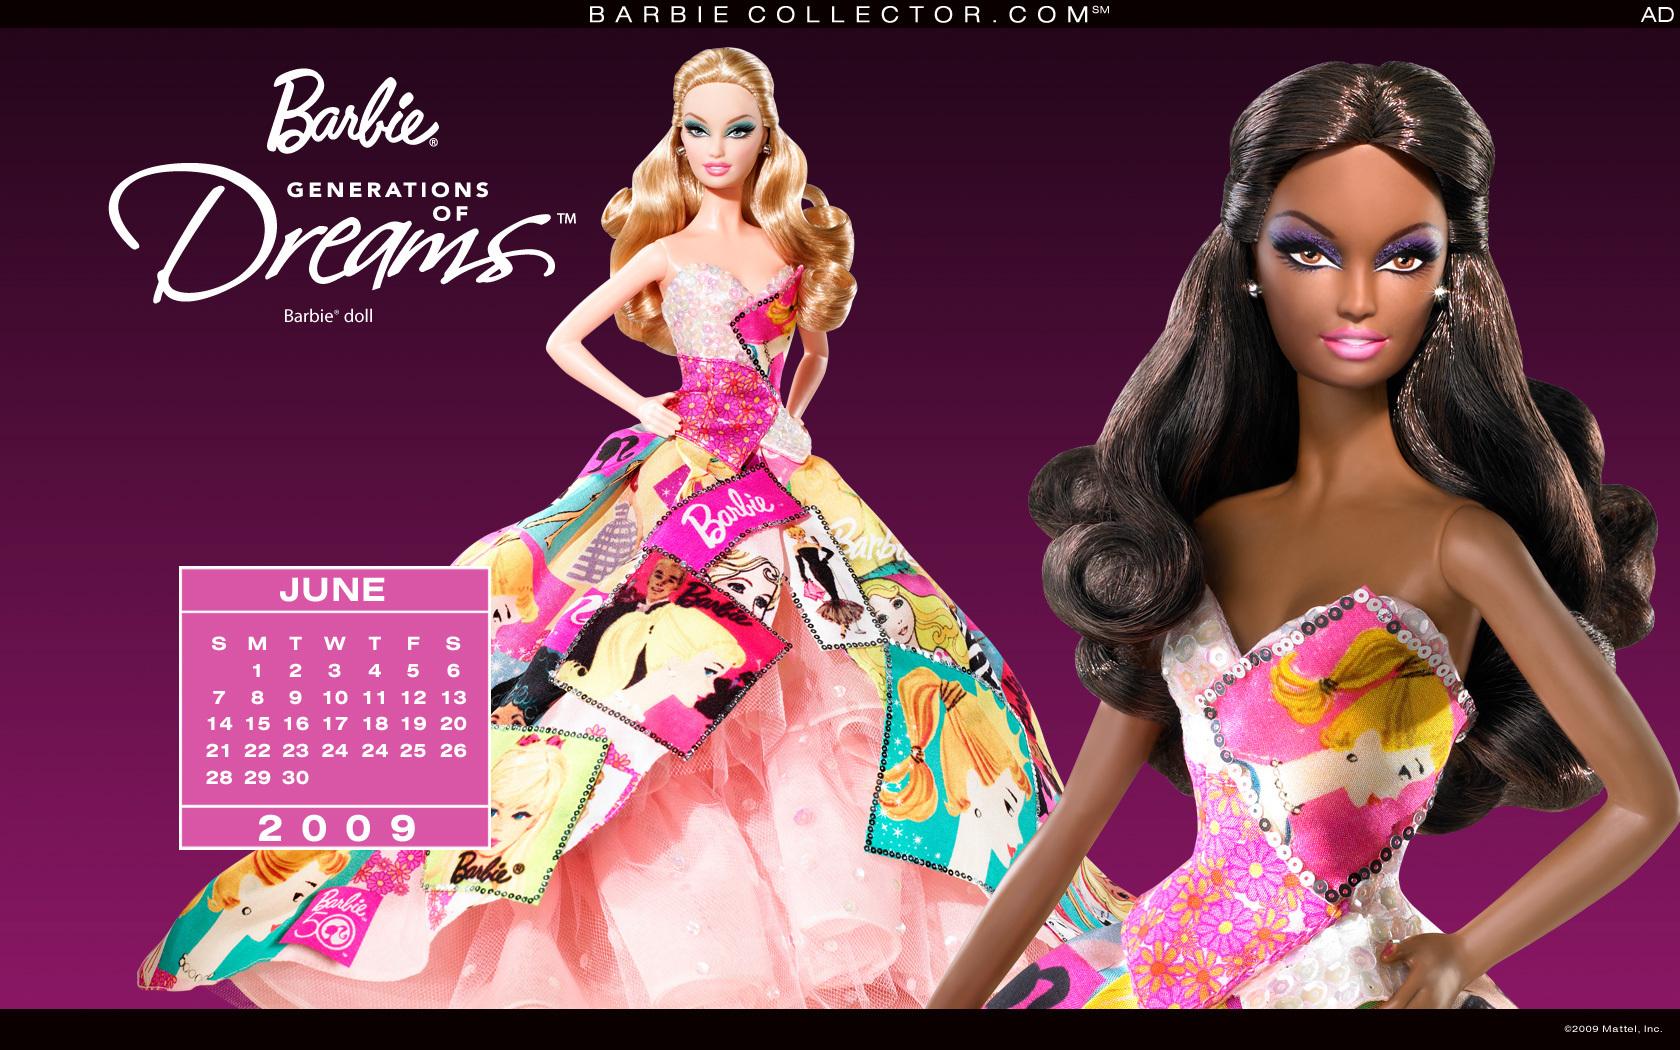 http://images2.fanpop.com/images/photos/6600000/June-barbie-collectors-6625875-1680-1050.jpg